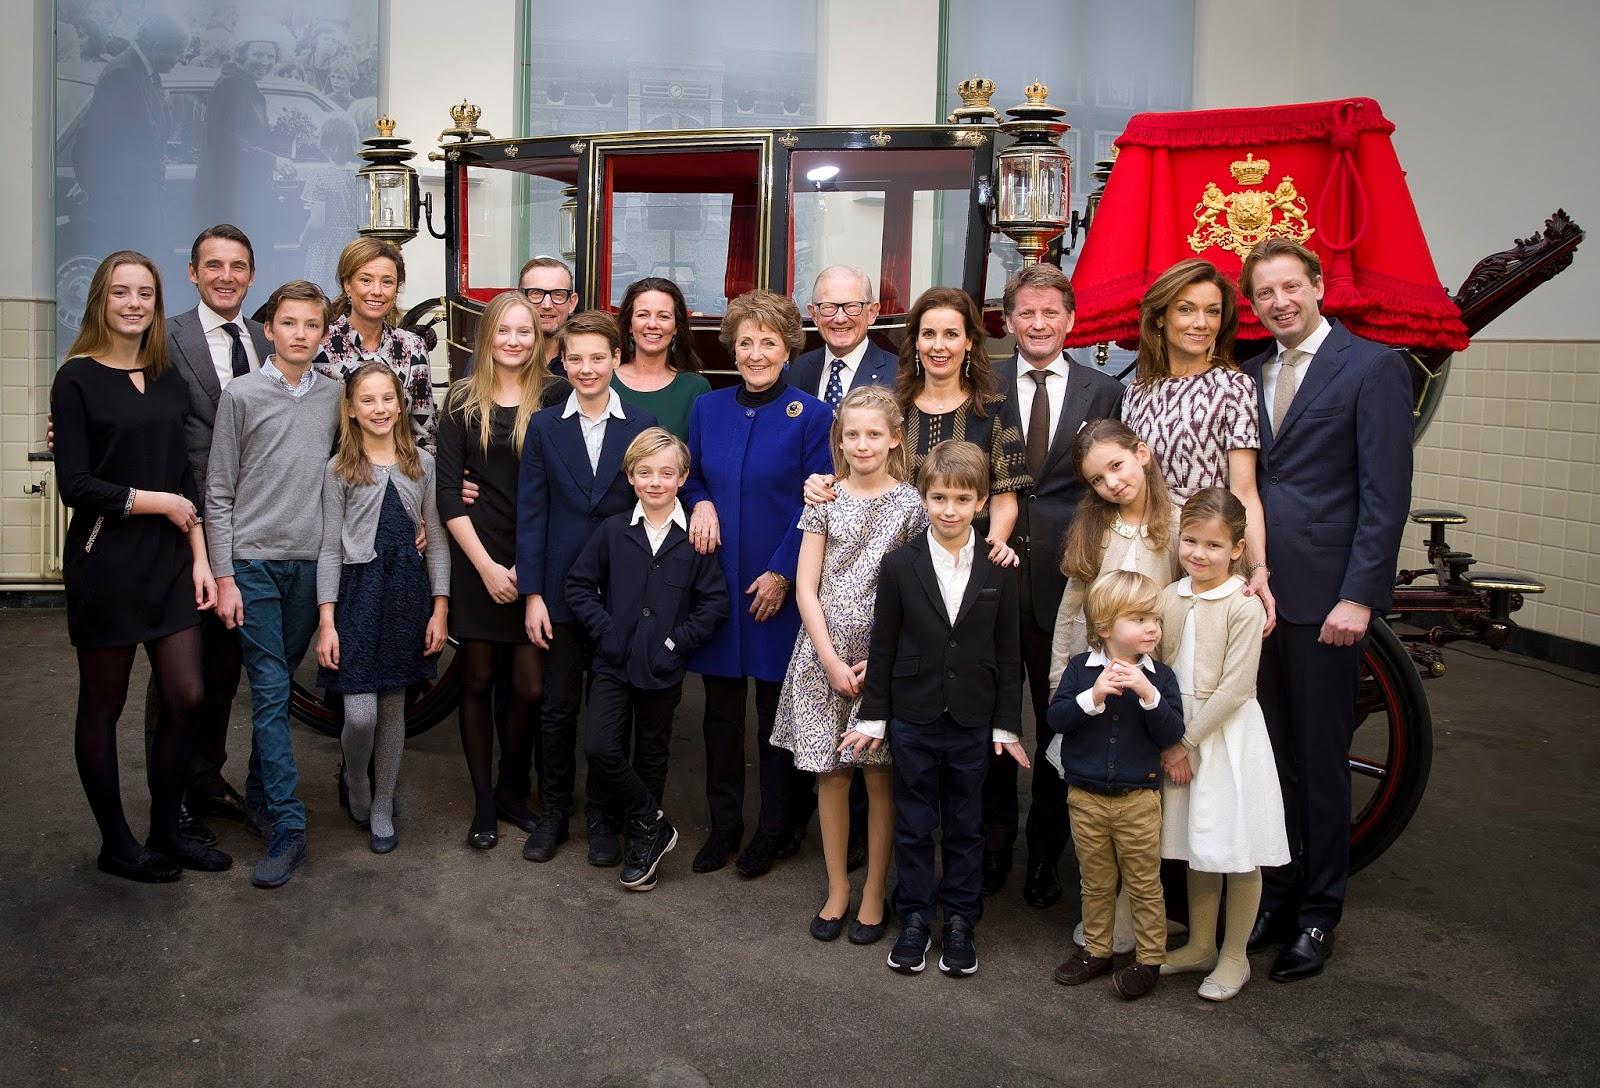 margriet en pieter 40 jaar getrouwd Prinses Margriet en Pieter van Vollenhoven 50 jaar getrouwd. margriet en pieter 40 jaar getrouwd